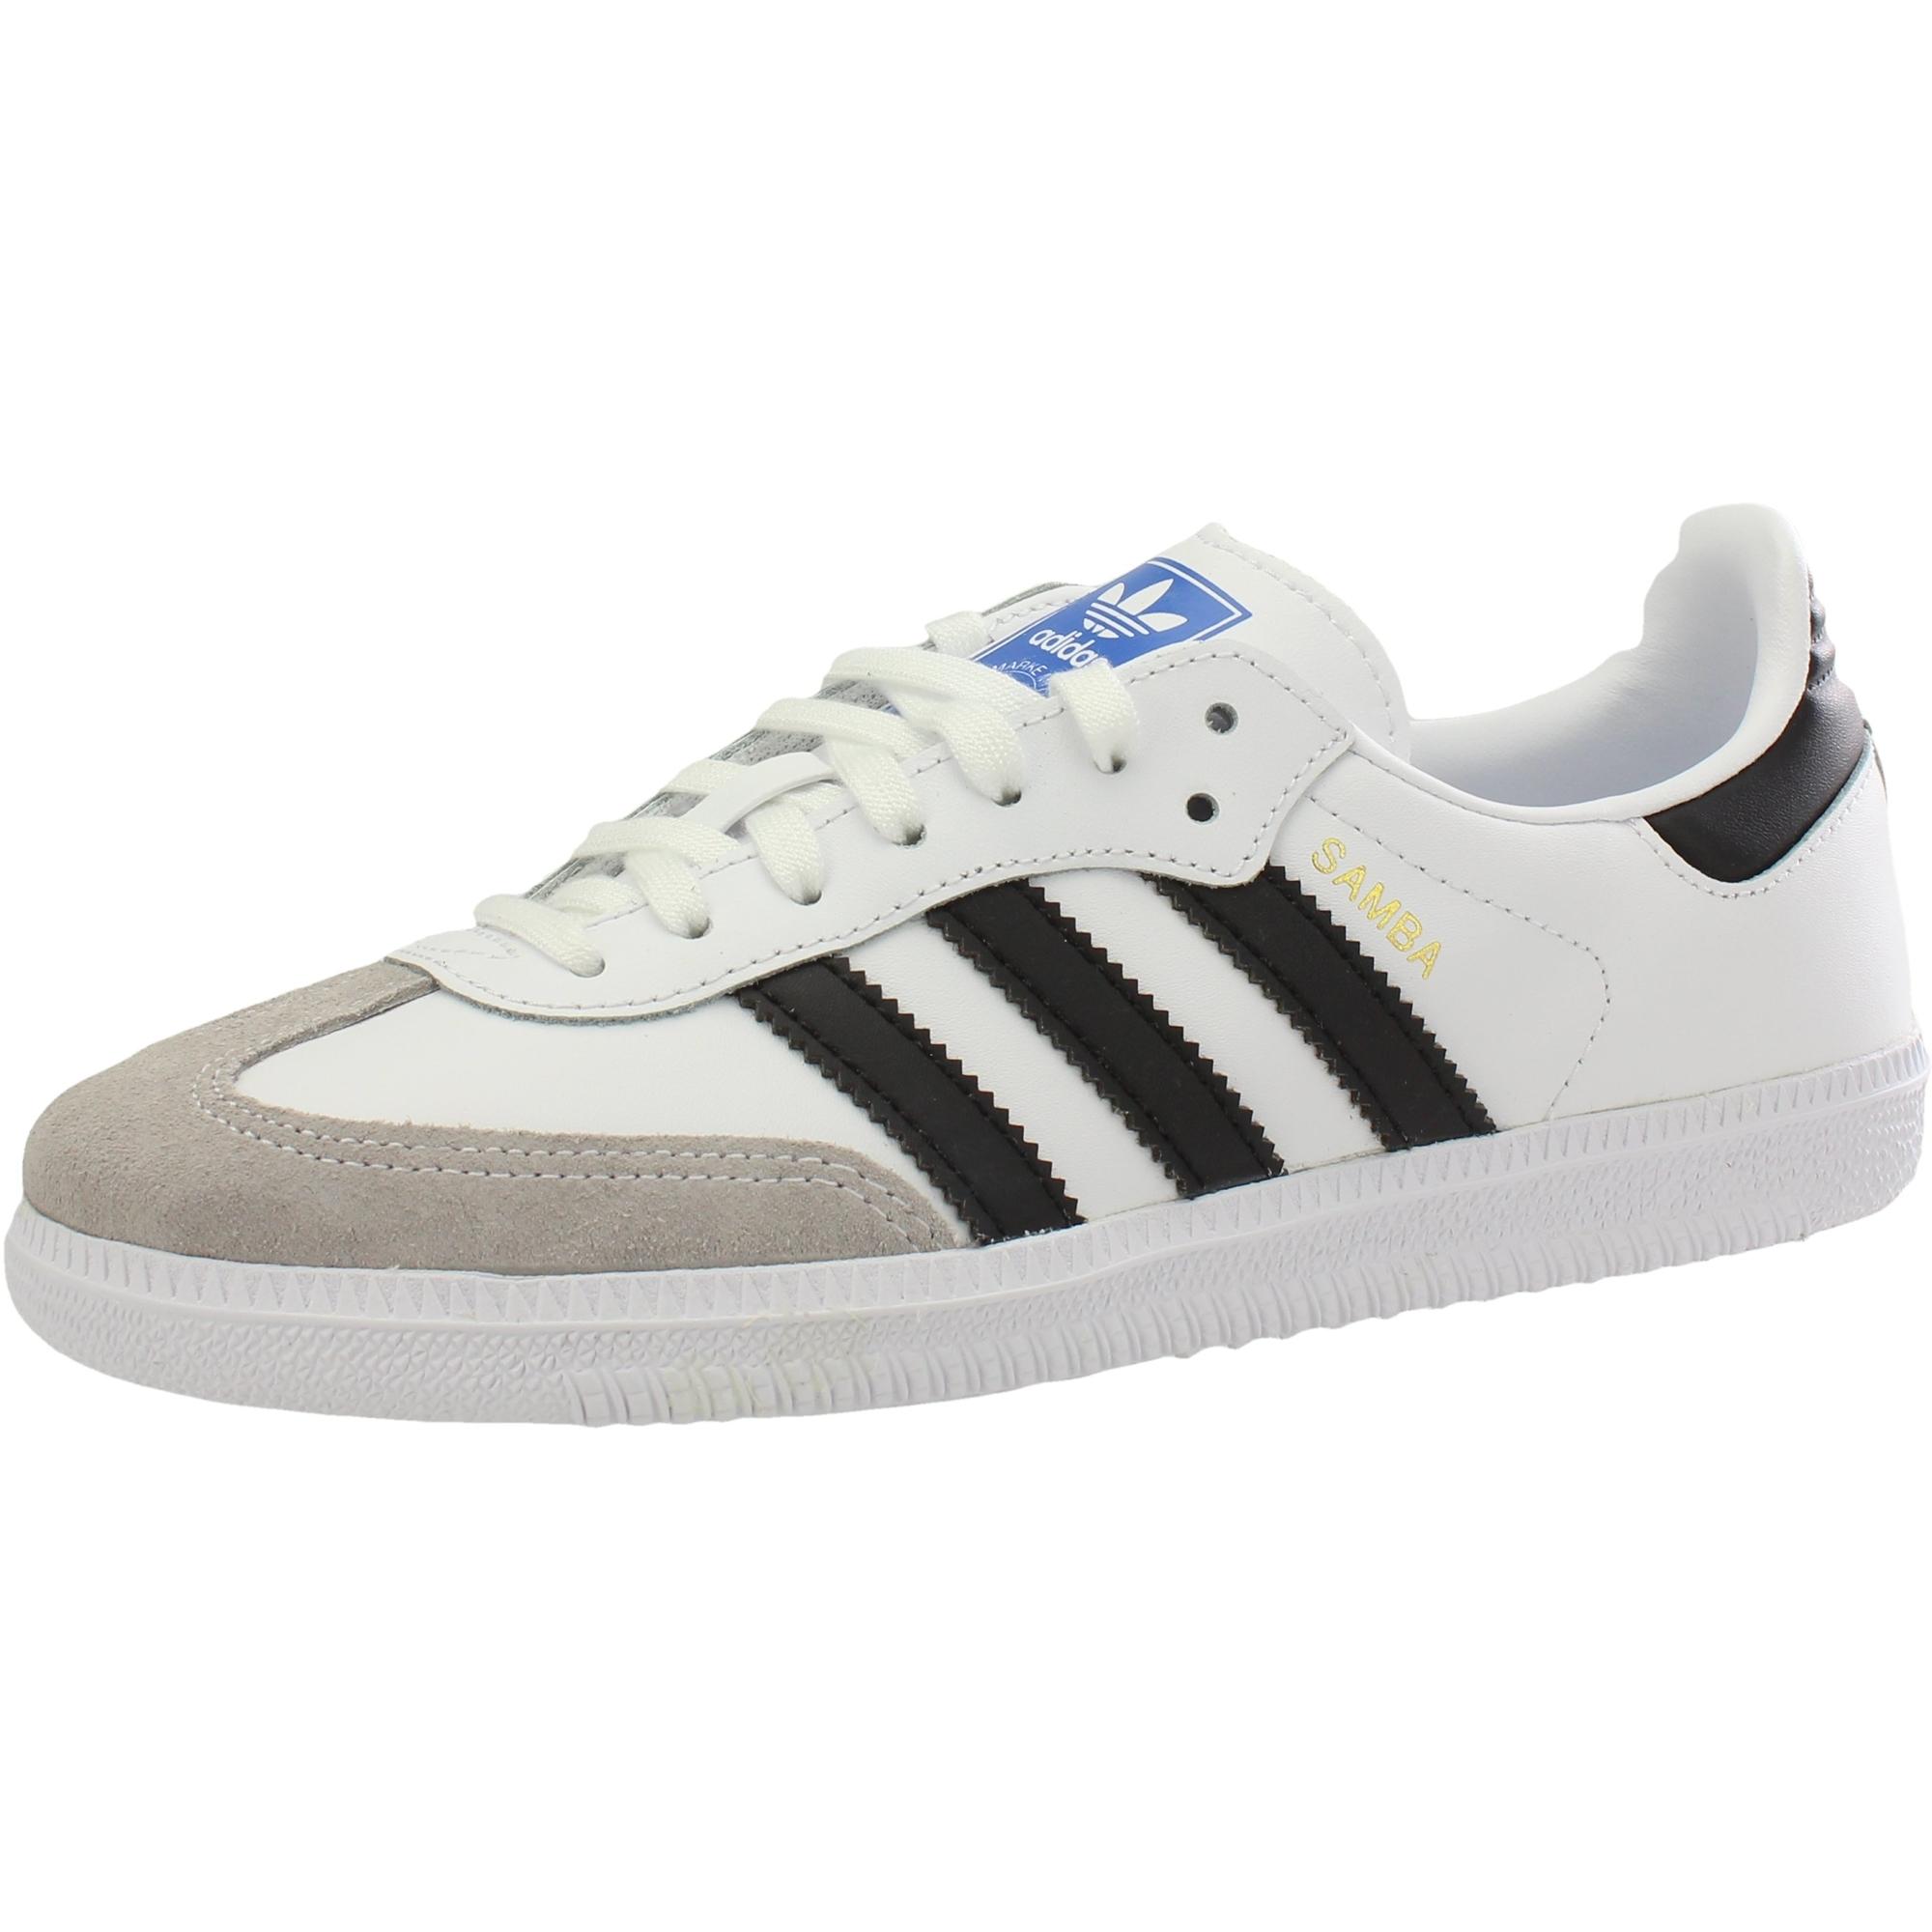 adidas Originals Samba OG J WhiteBlack Leather Youth